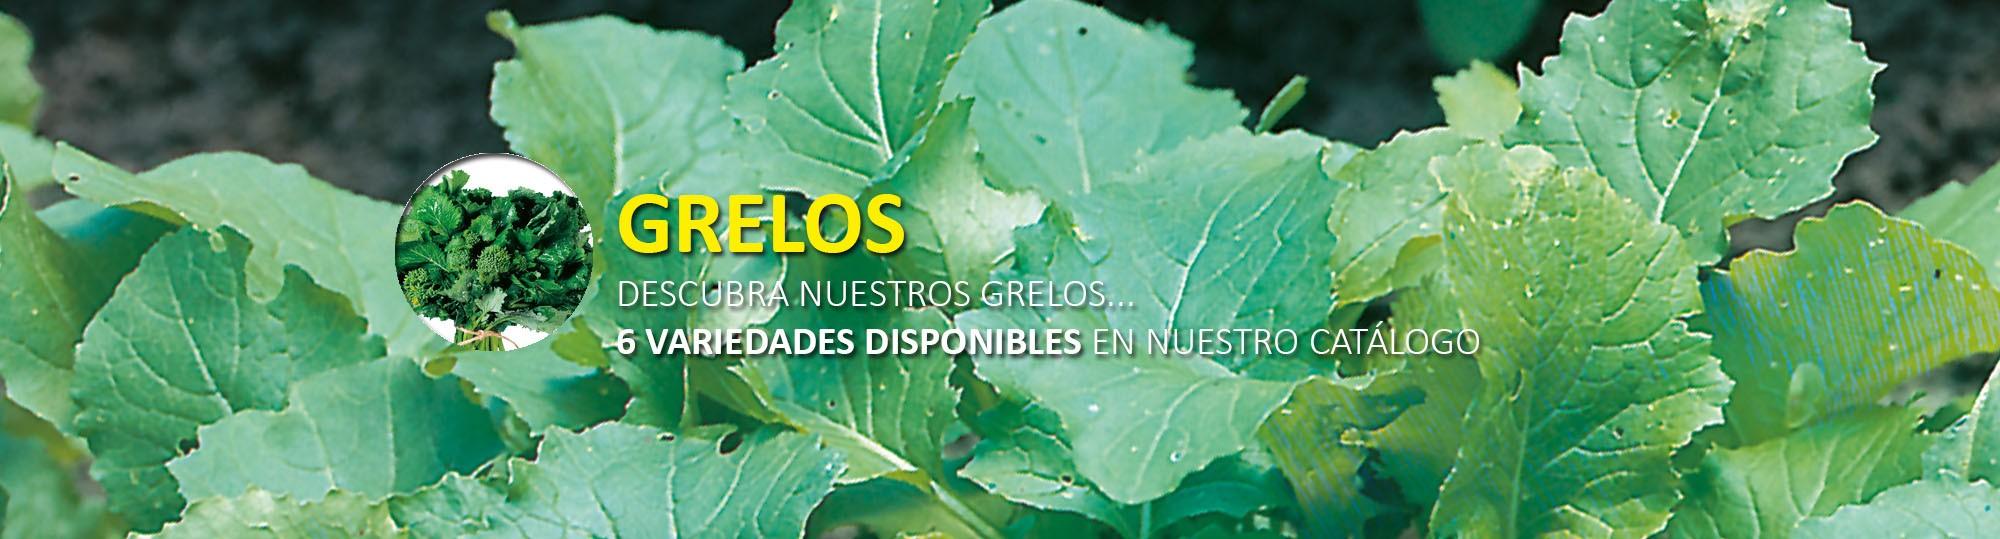 Grelos